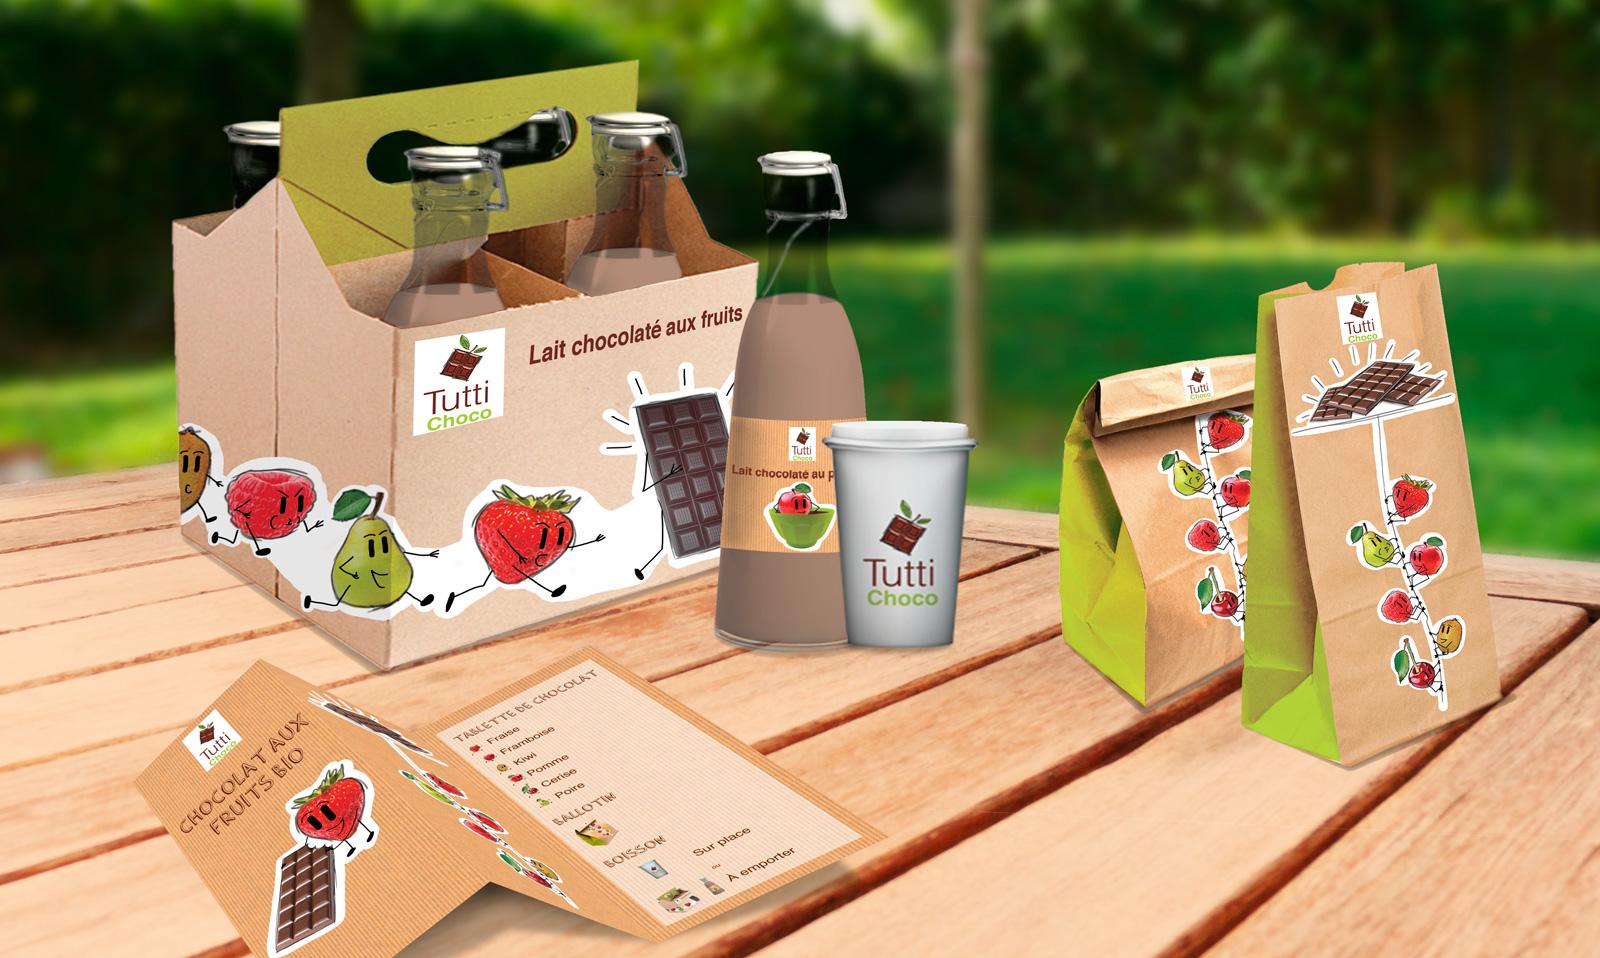 packagings gamme de produits tutti choco